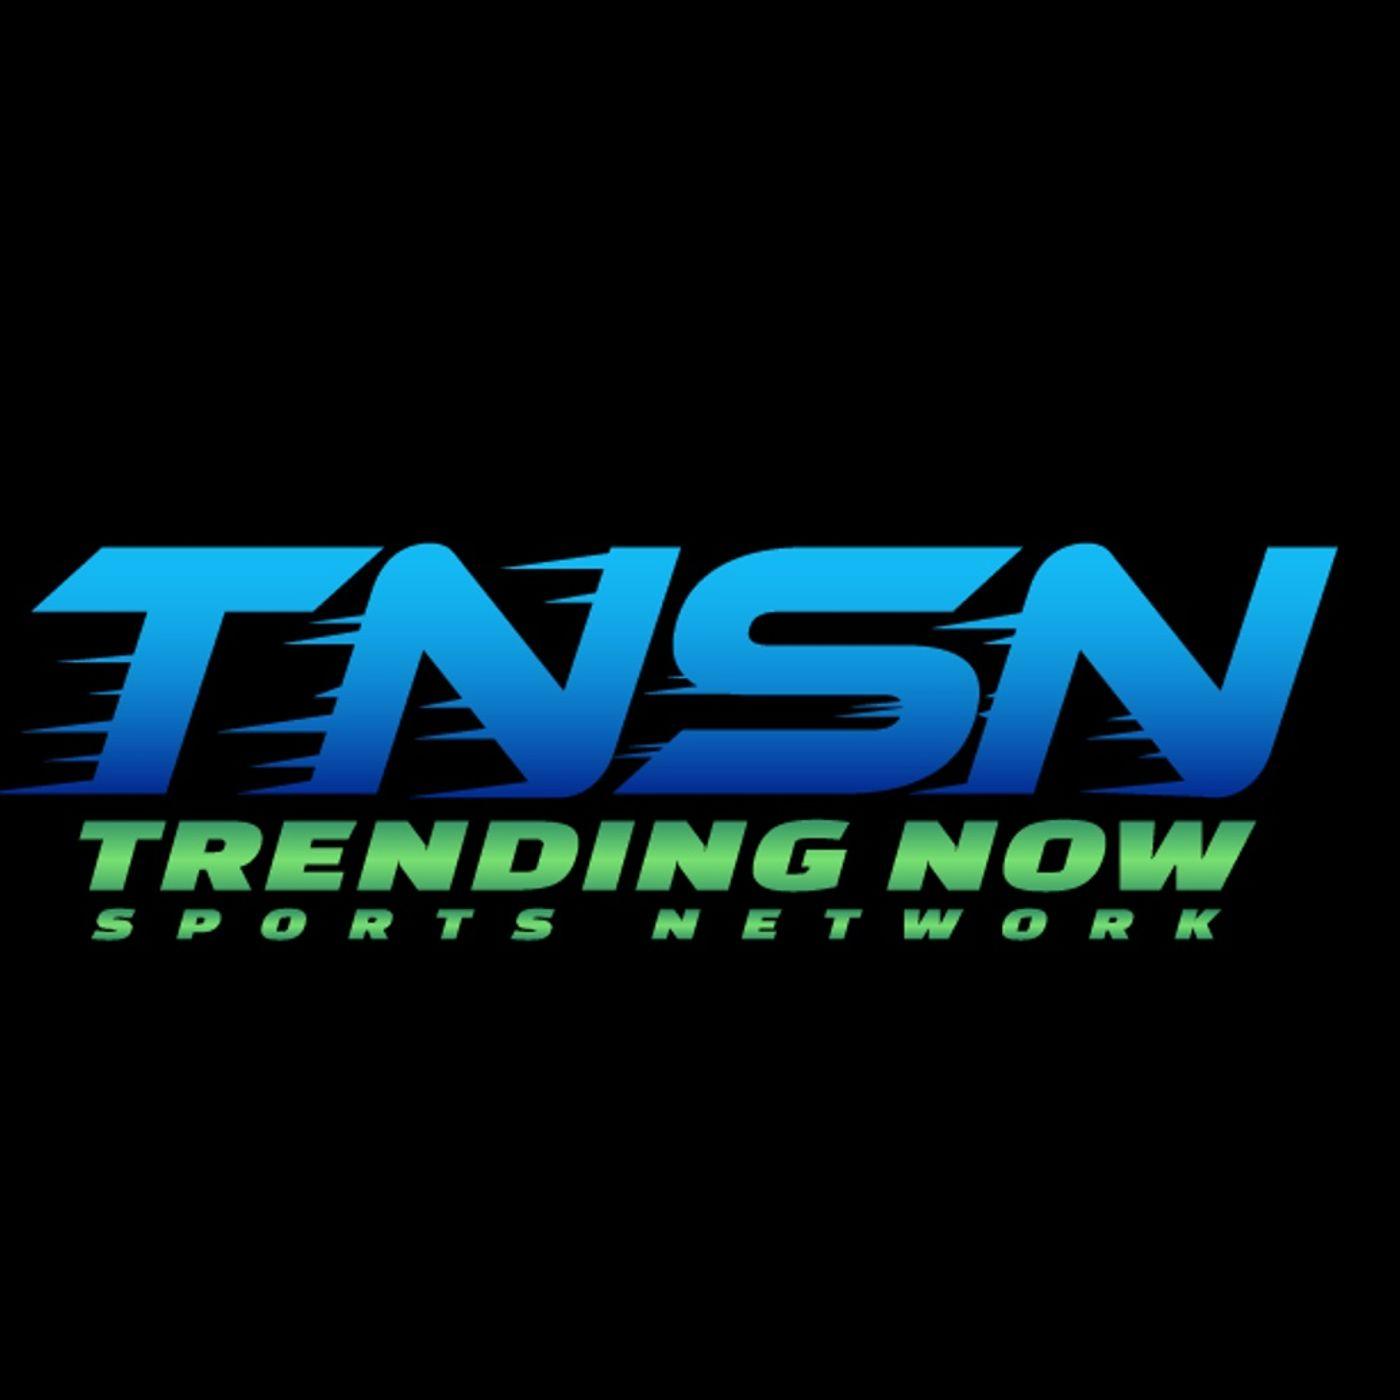 TrendingNowSports.com